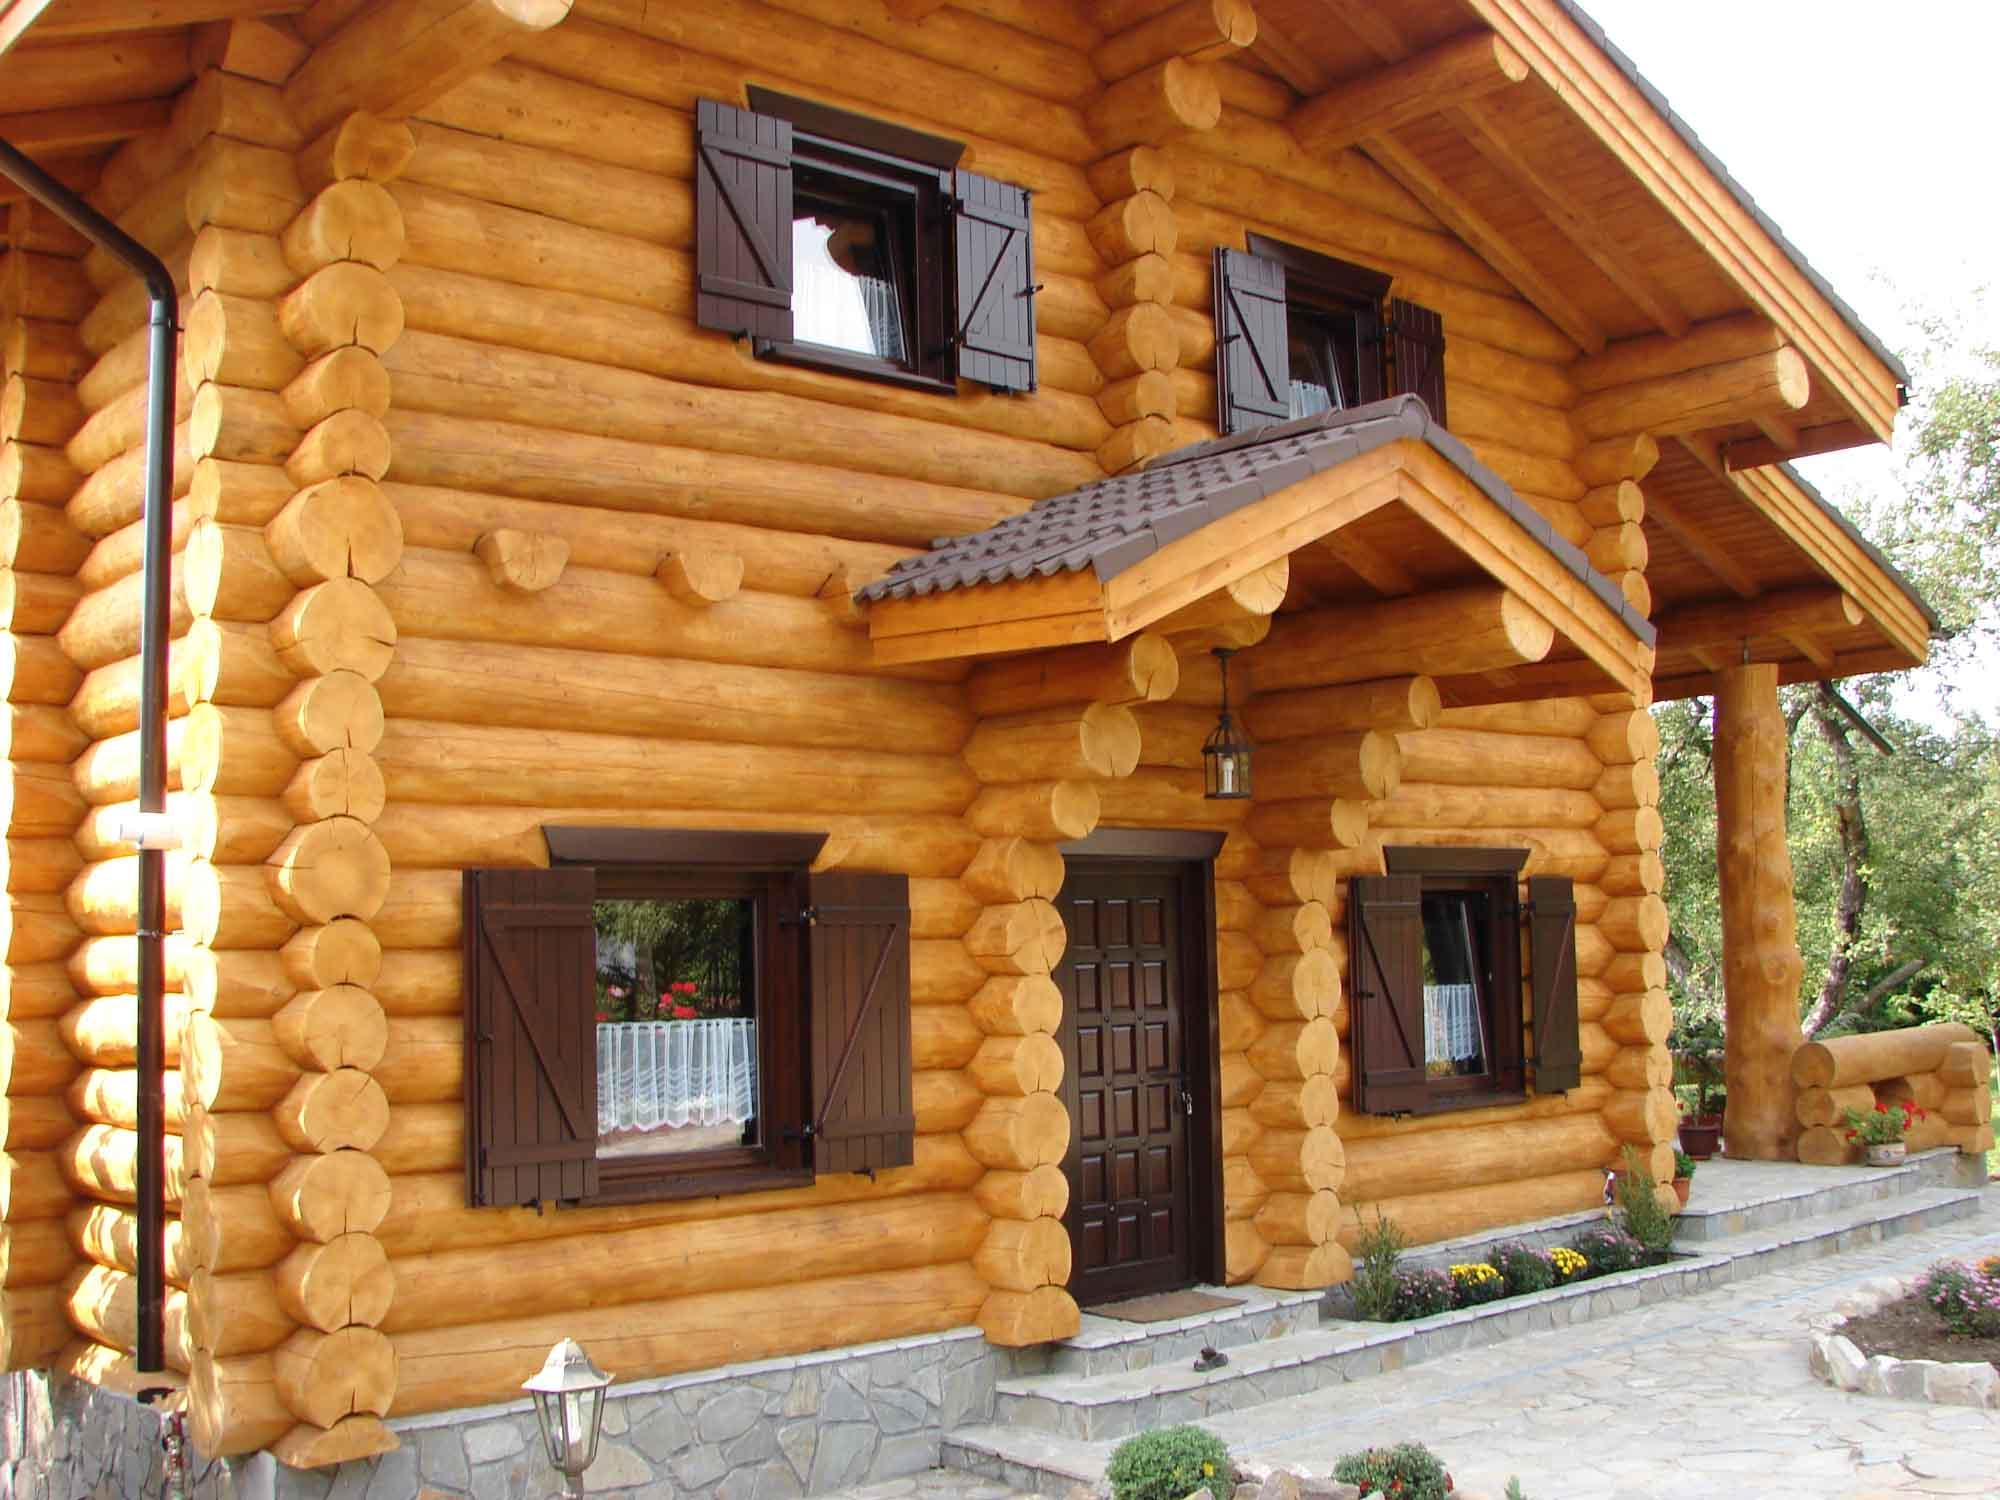 tout savoir sur la maison en bois massif empil et ses avantages bricoleur malin. Black Bedroom Furniture Sets. Home Design Ideas